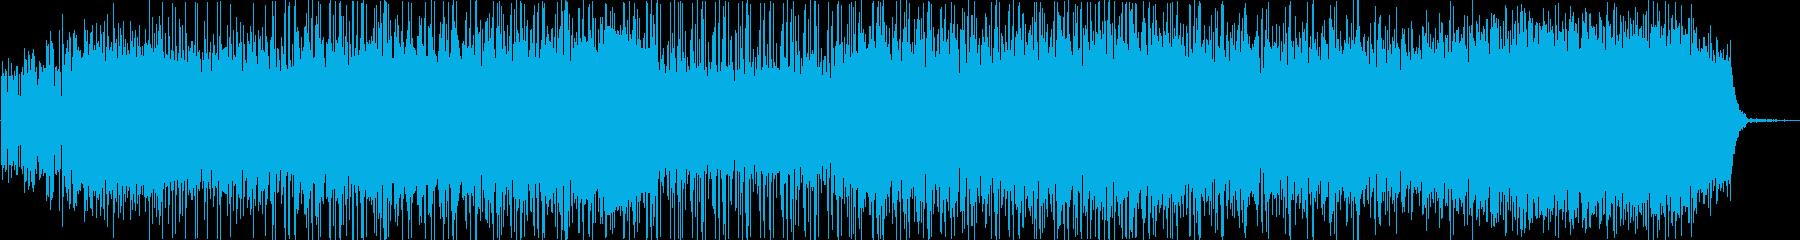 80年代のサウンドとシンセ。夢のよ...の再生済みの波形